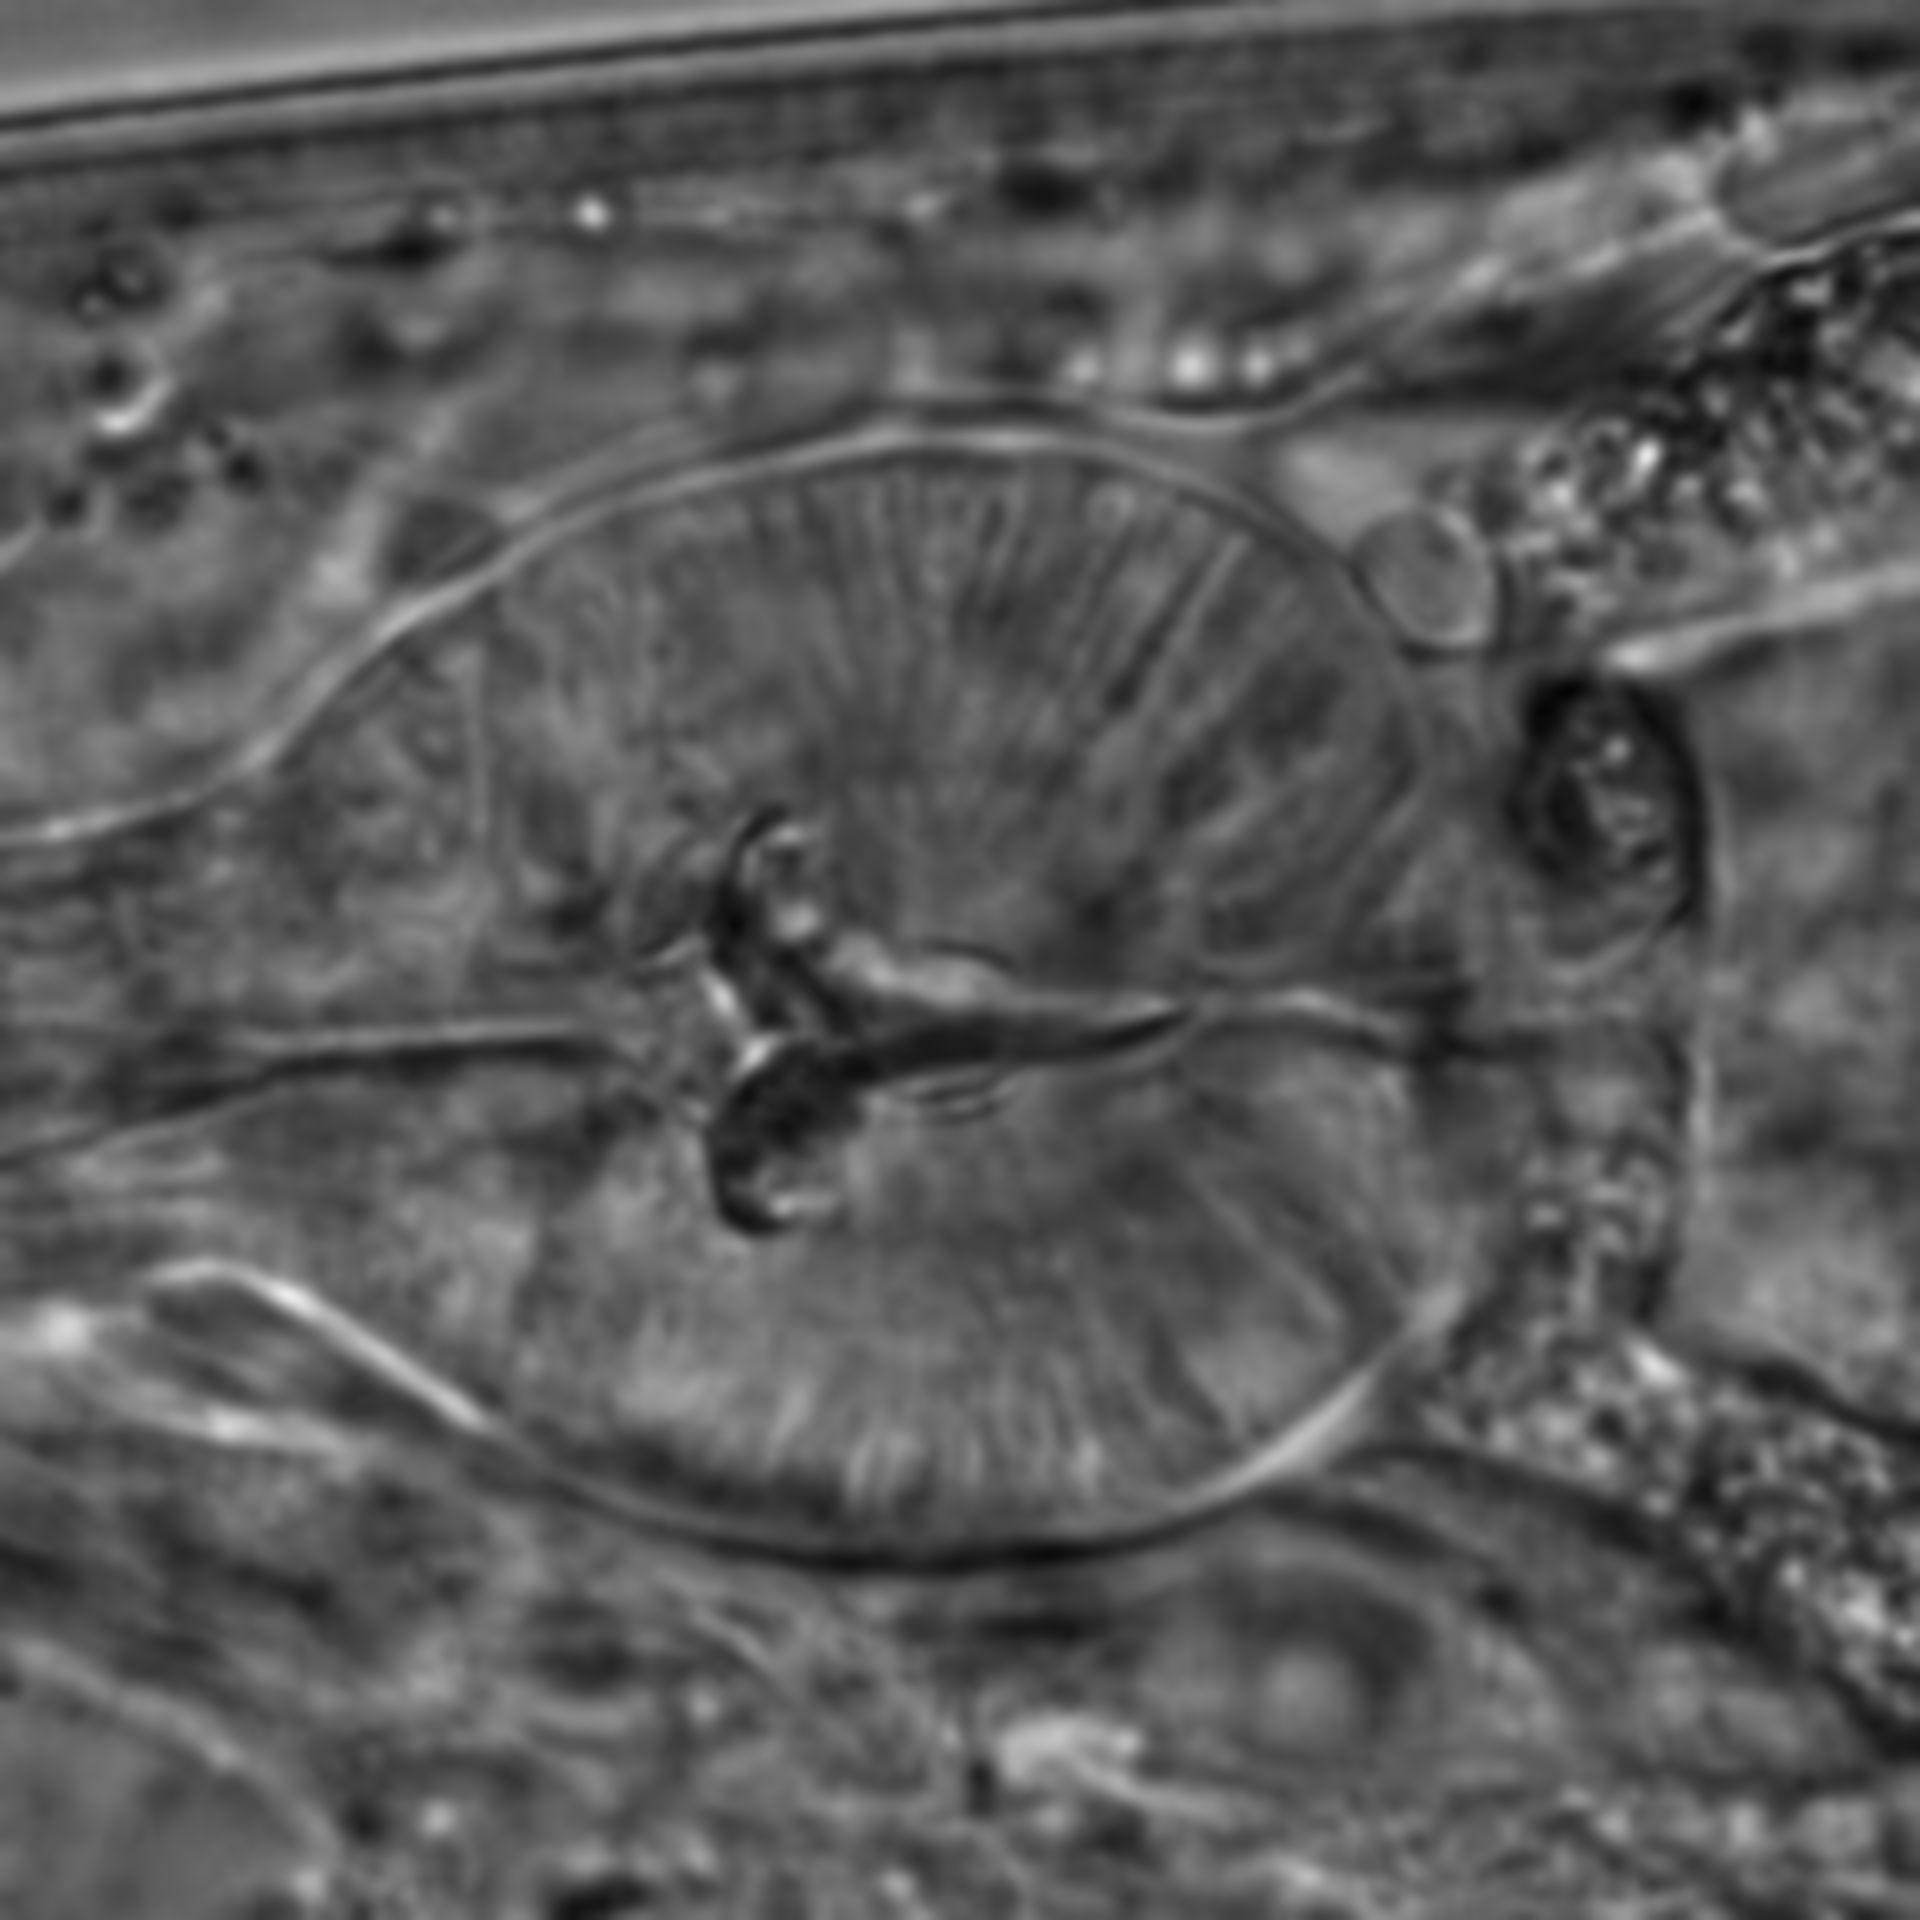 Caenorhabditis elegans - CIL:1600